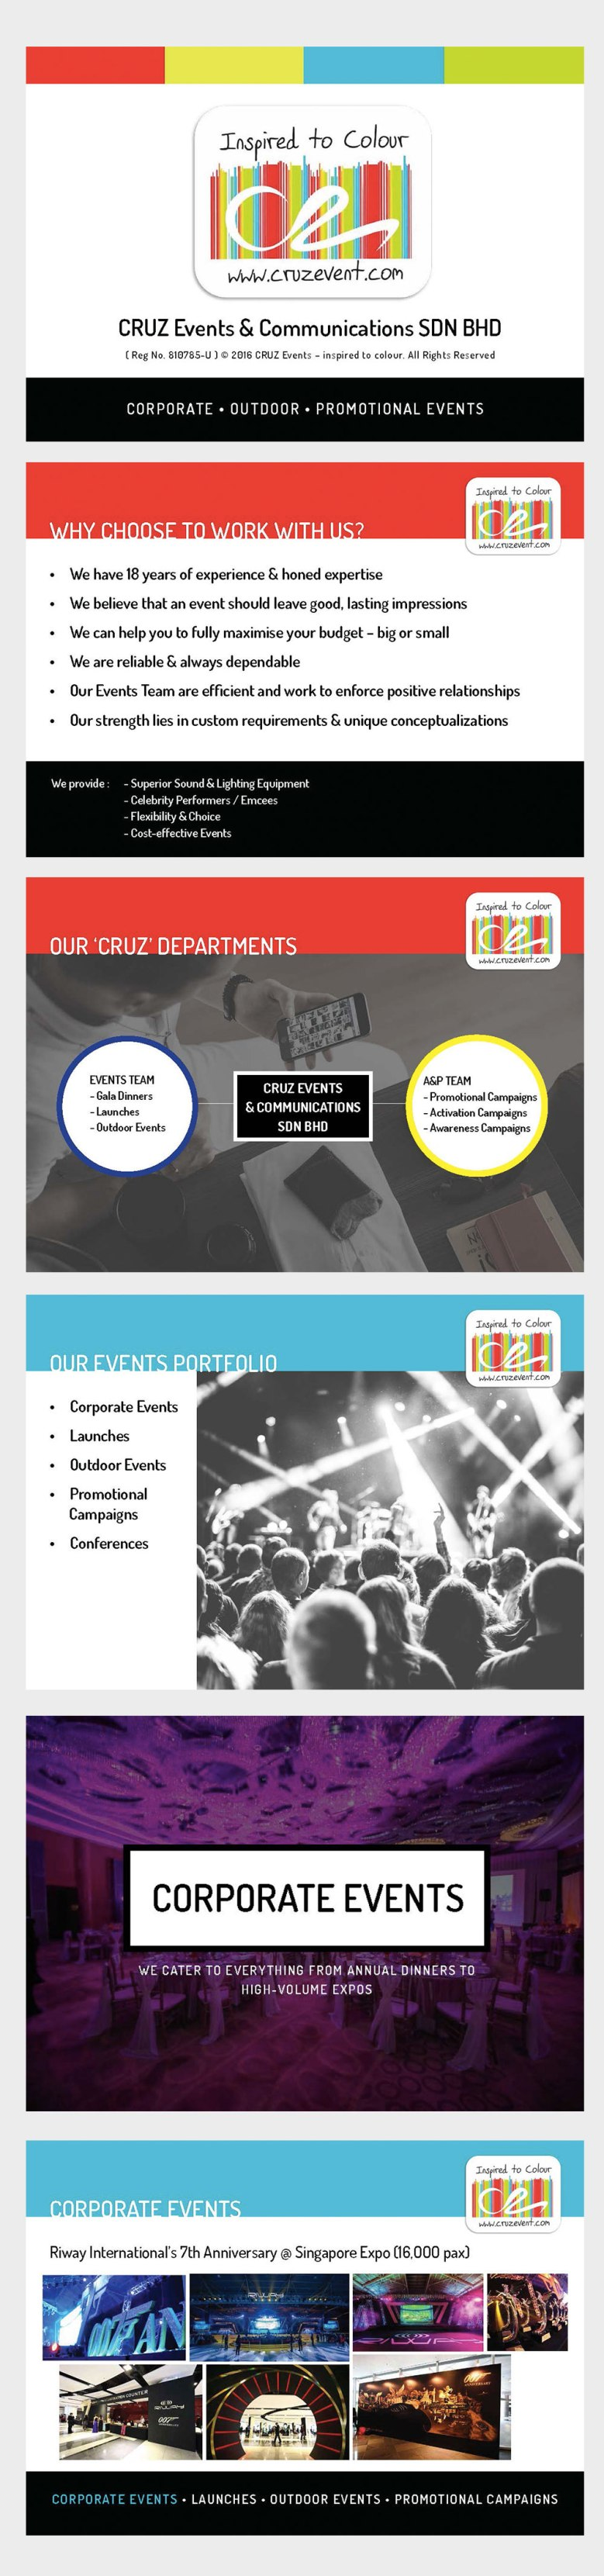 CRUZ events -after